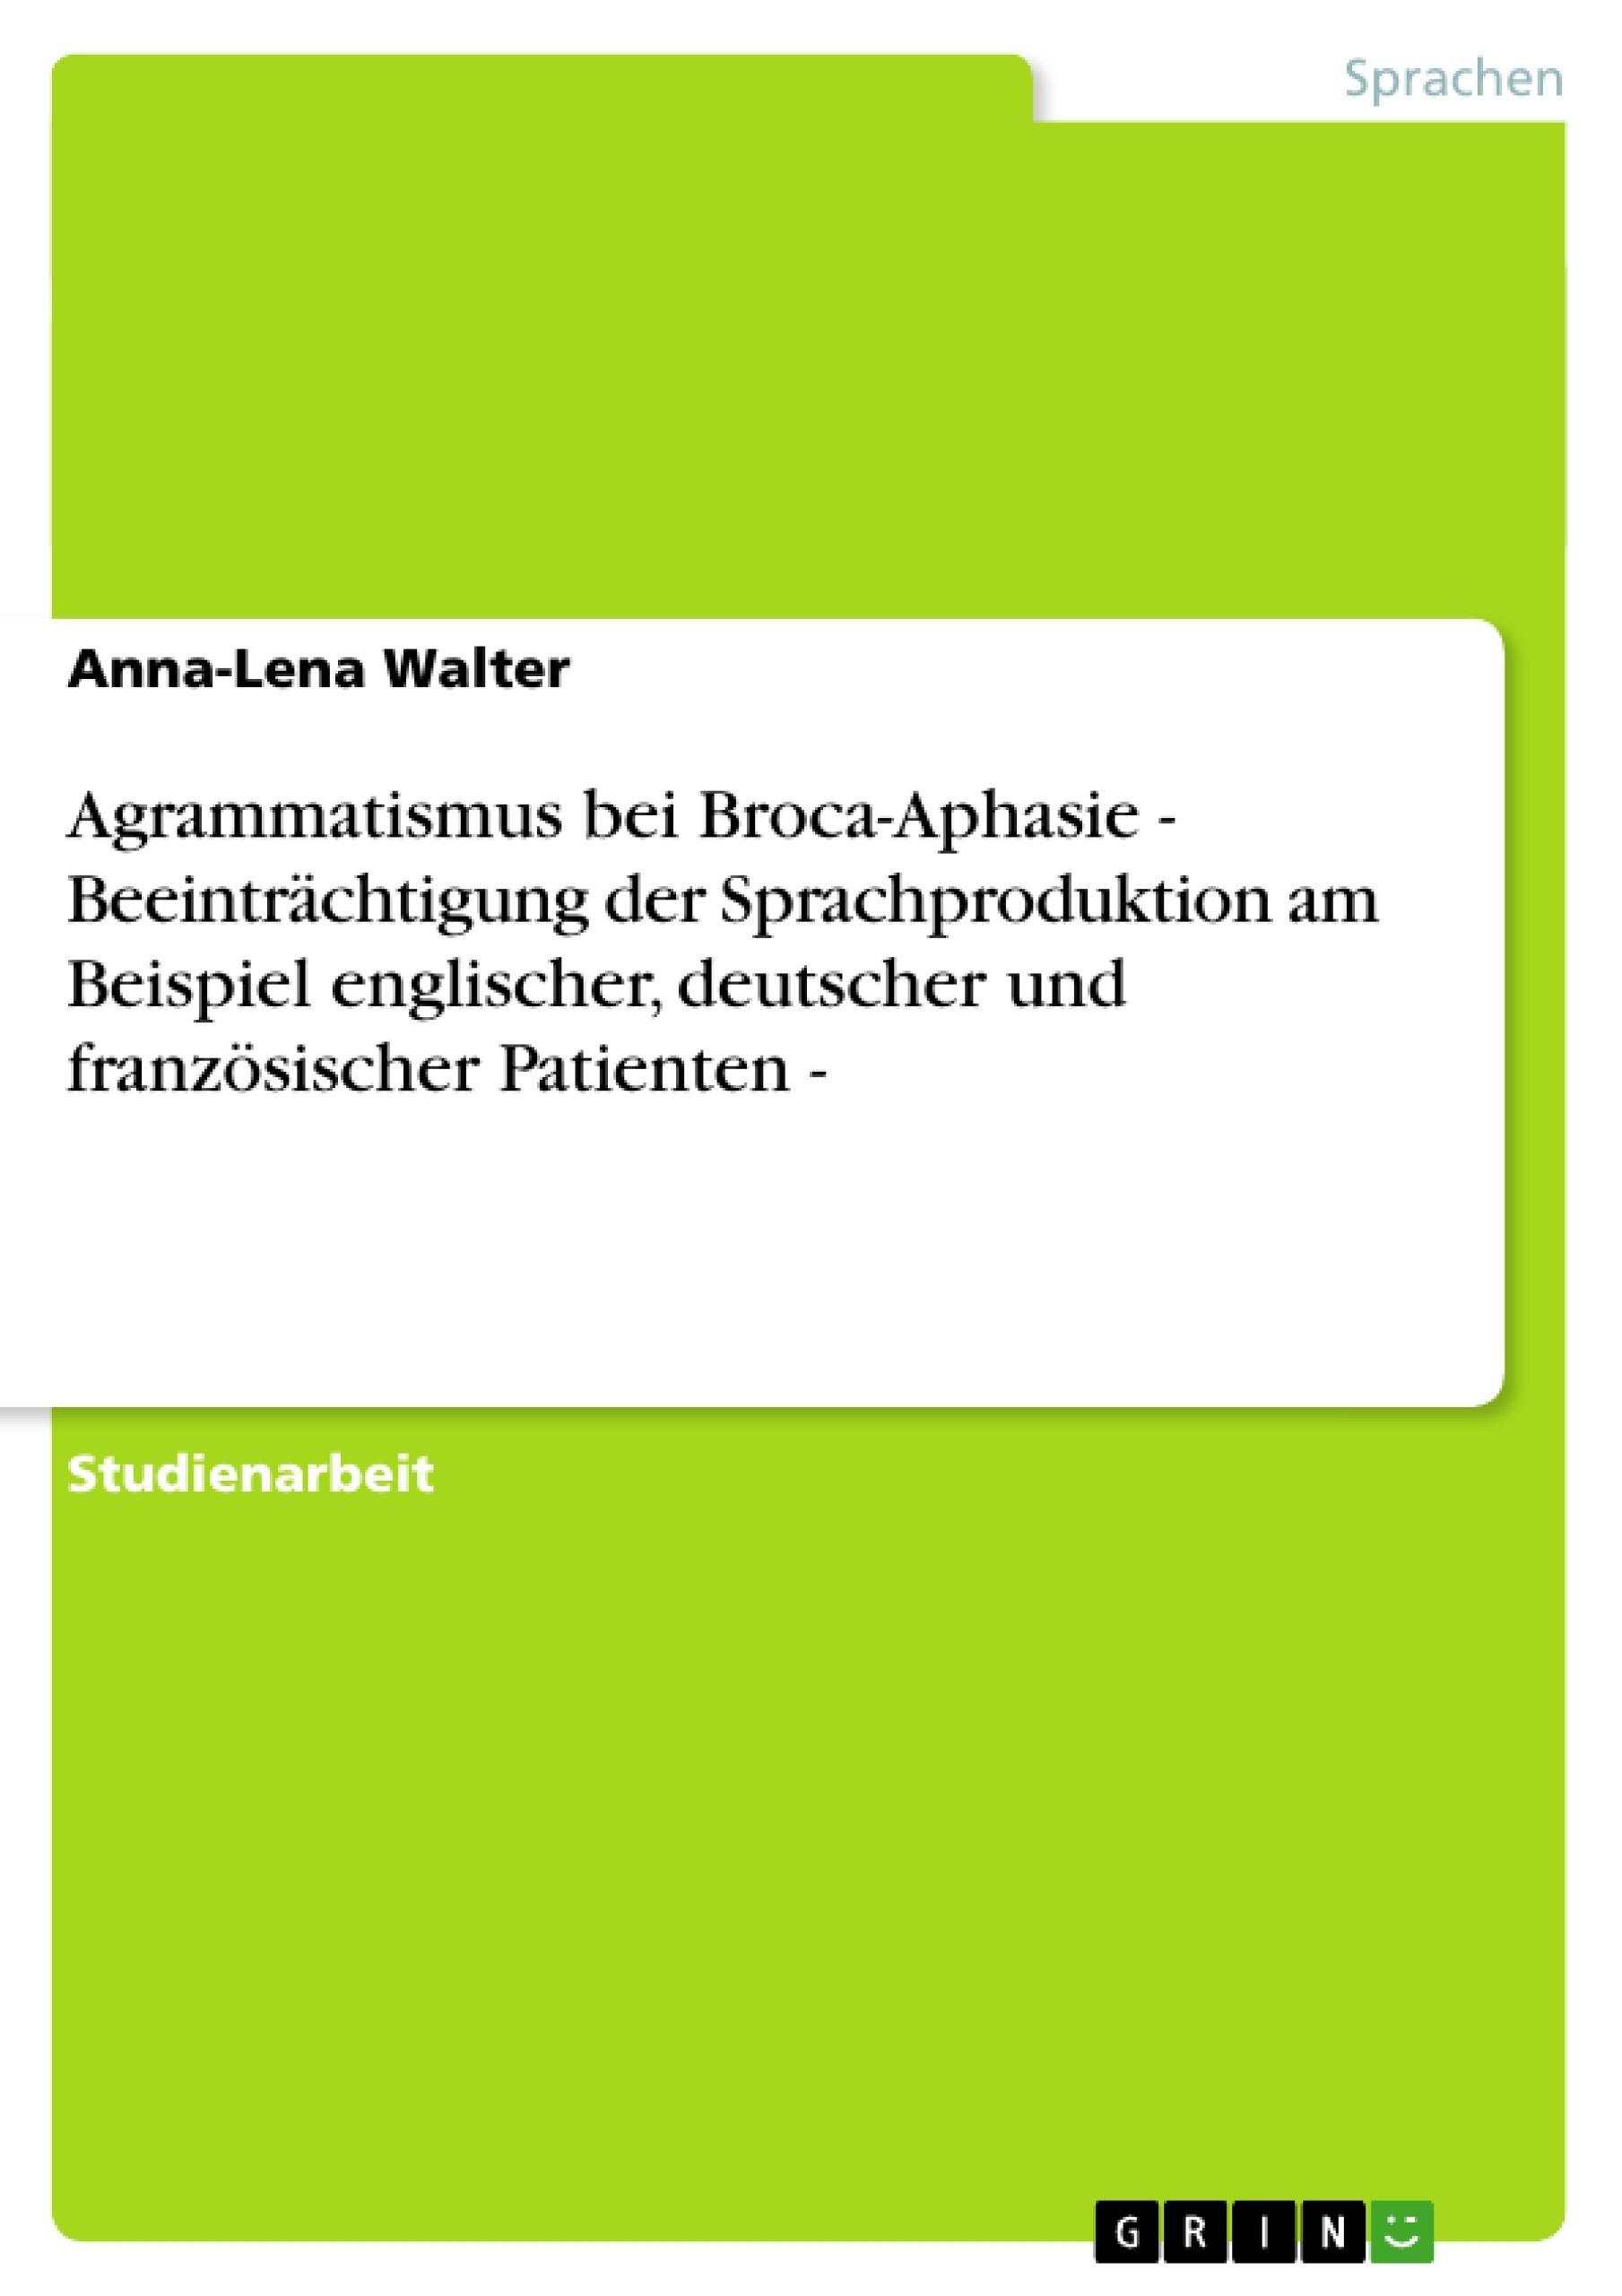 Titel: Agrammatismus bei Broca-Aphasie   - Beeinträchtigung der Sprachproduktion am Beispiel englischer, deutscher und französischer Patienten -